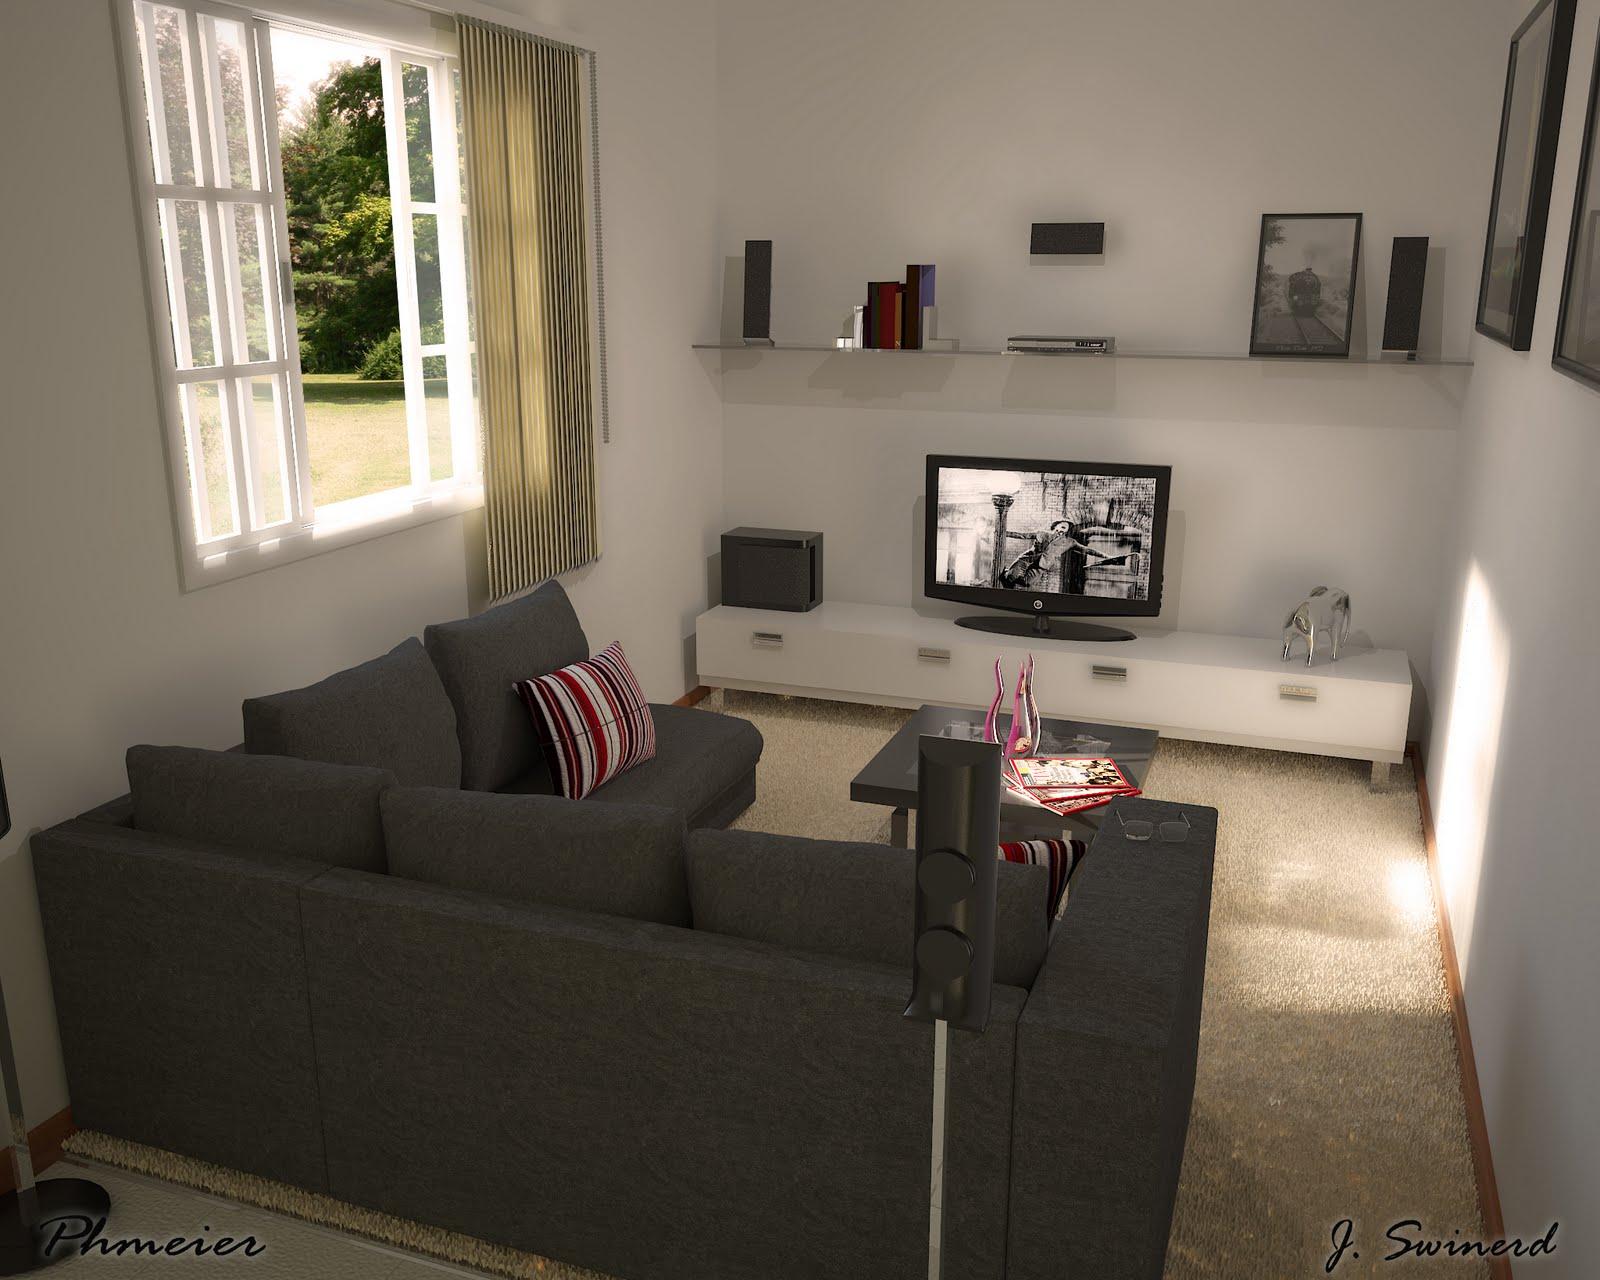 #906D3B coloque encostado nas paredes jogue uns almofadões e pronto 1600x1280 px Idéias De Design De Sala De Cozinha_158 Imagens